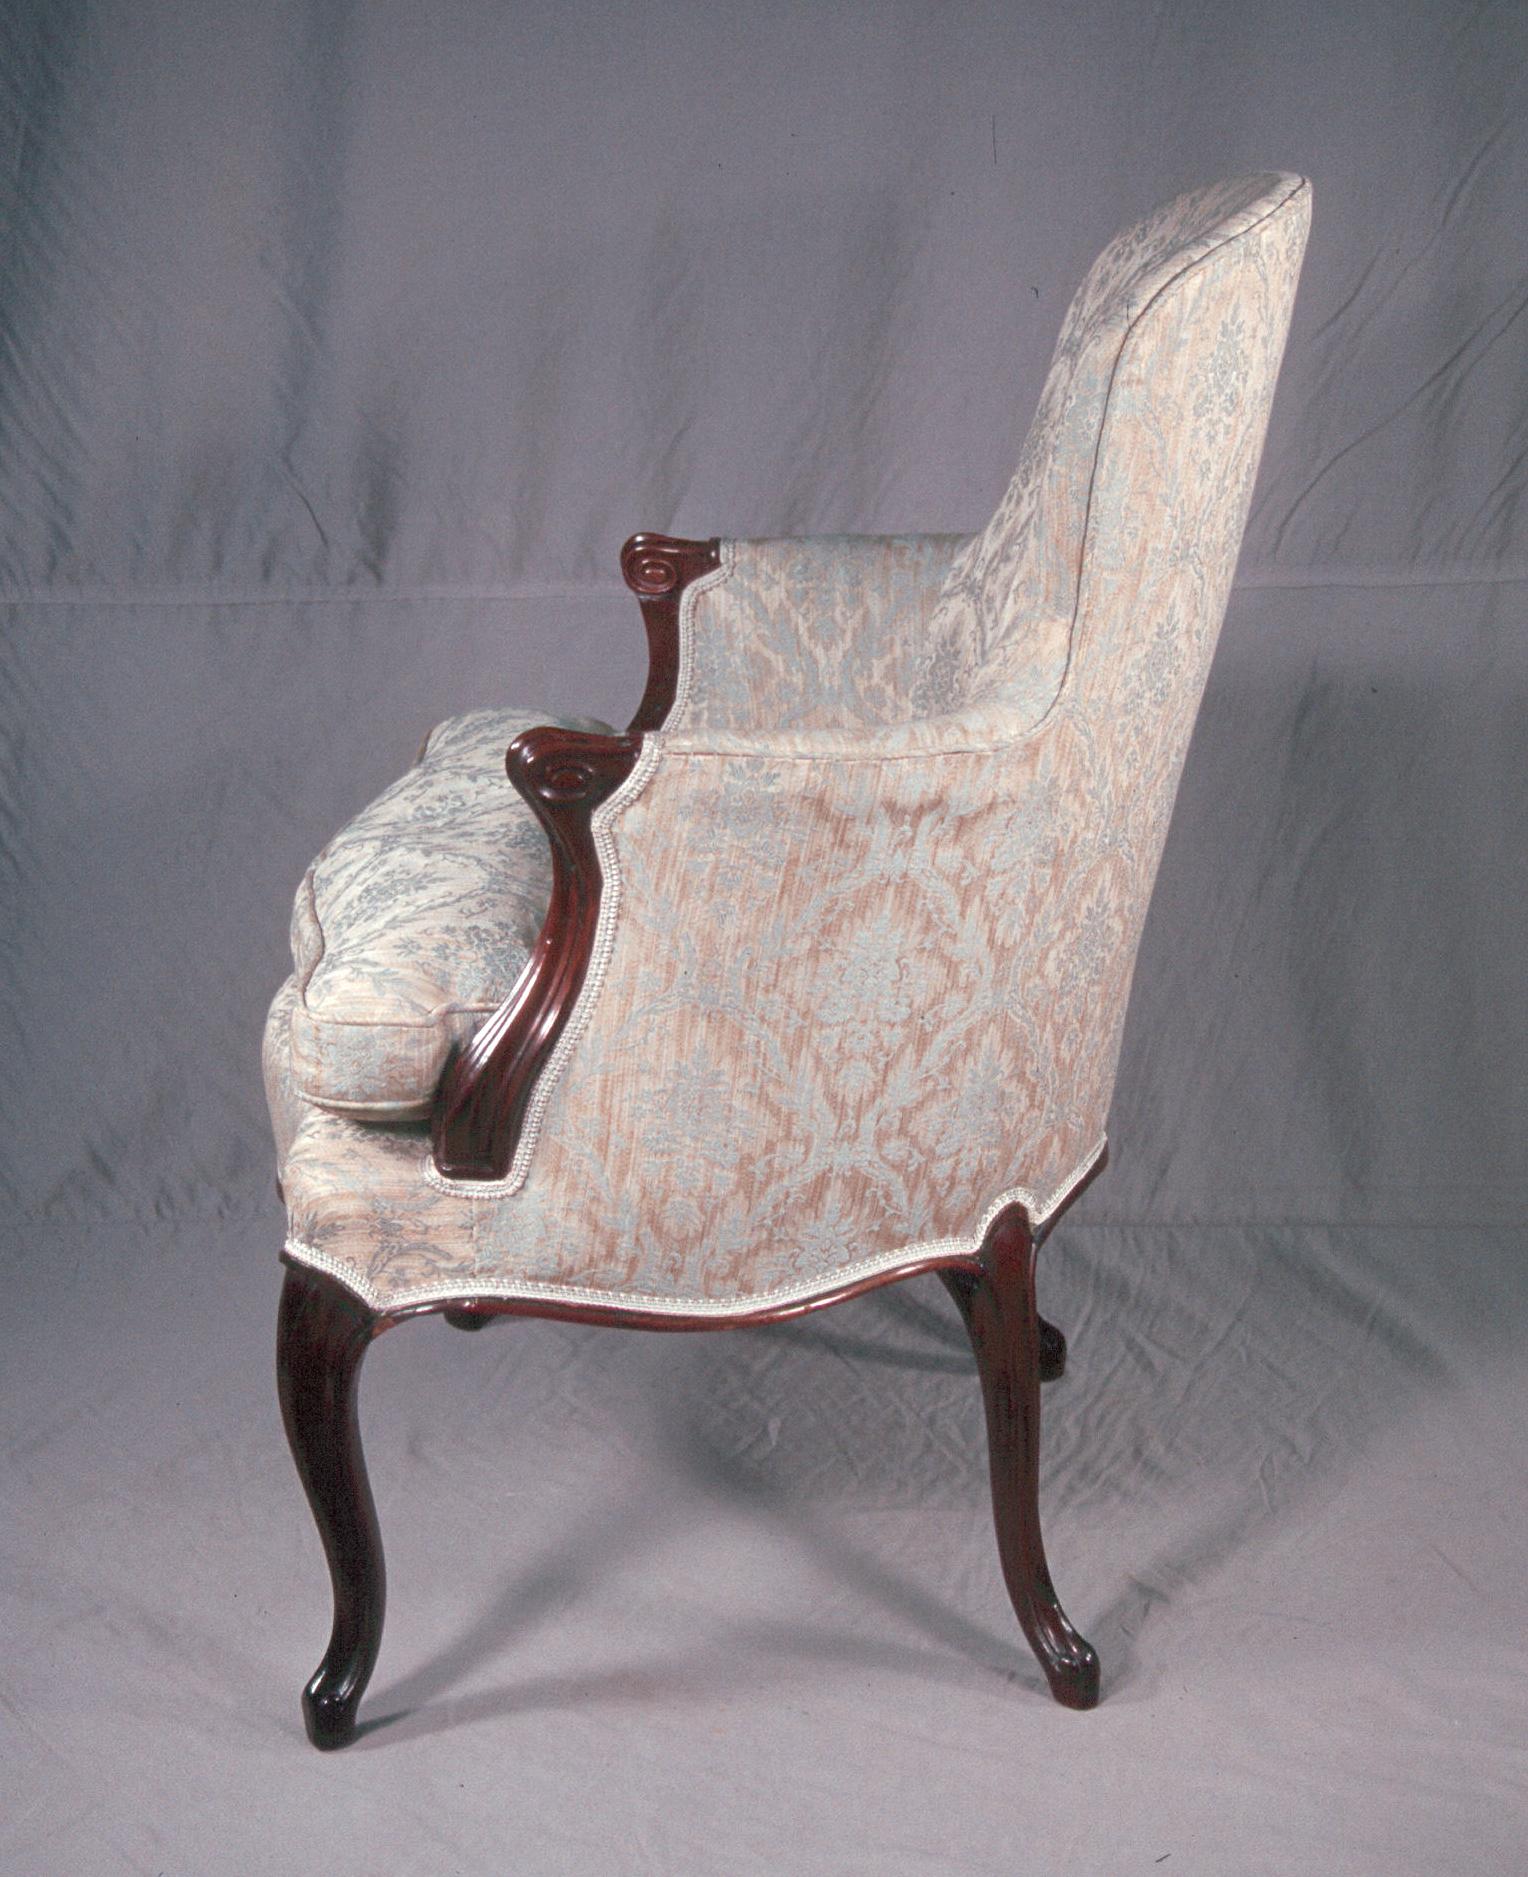 c18th_Cen_Arm_Chair-02-BT